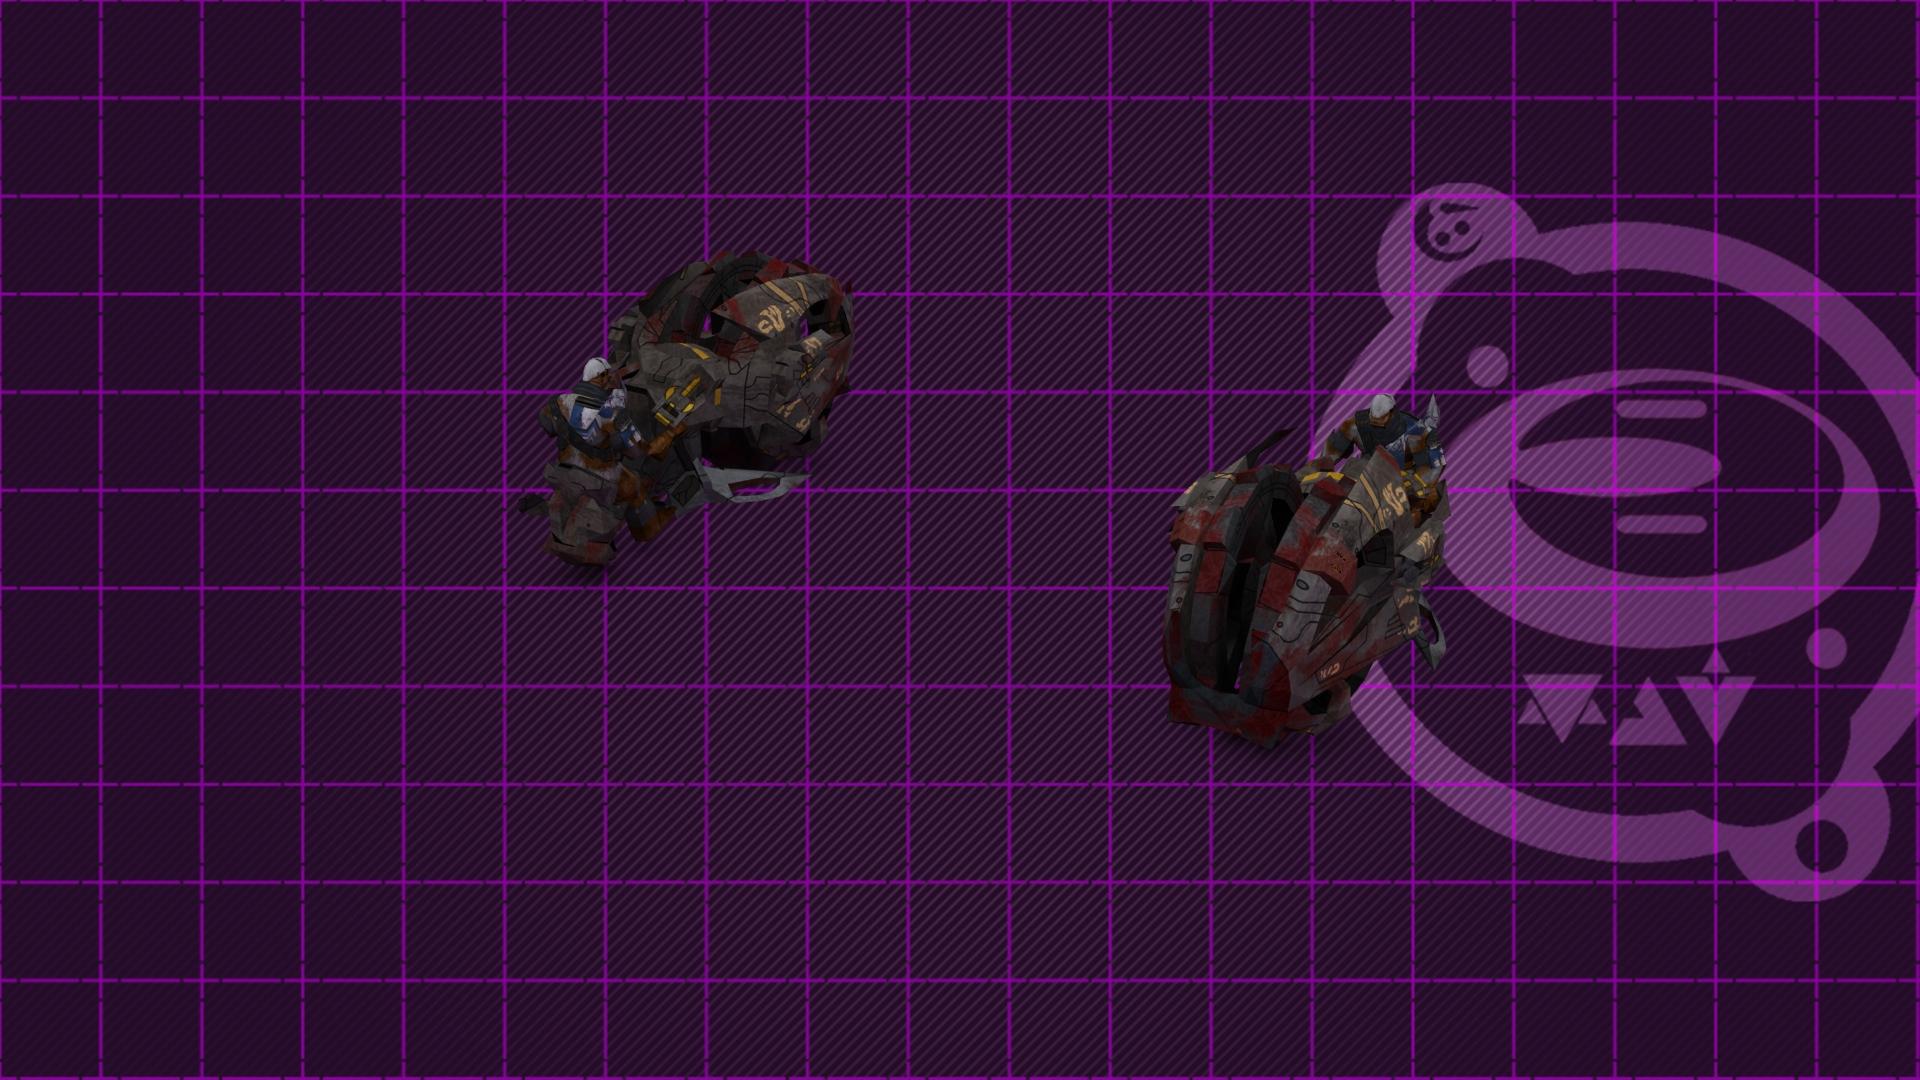 Covenant Brute Chopper